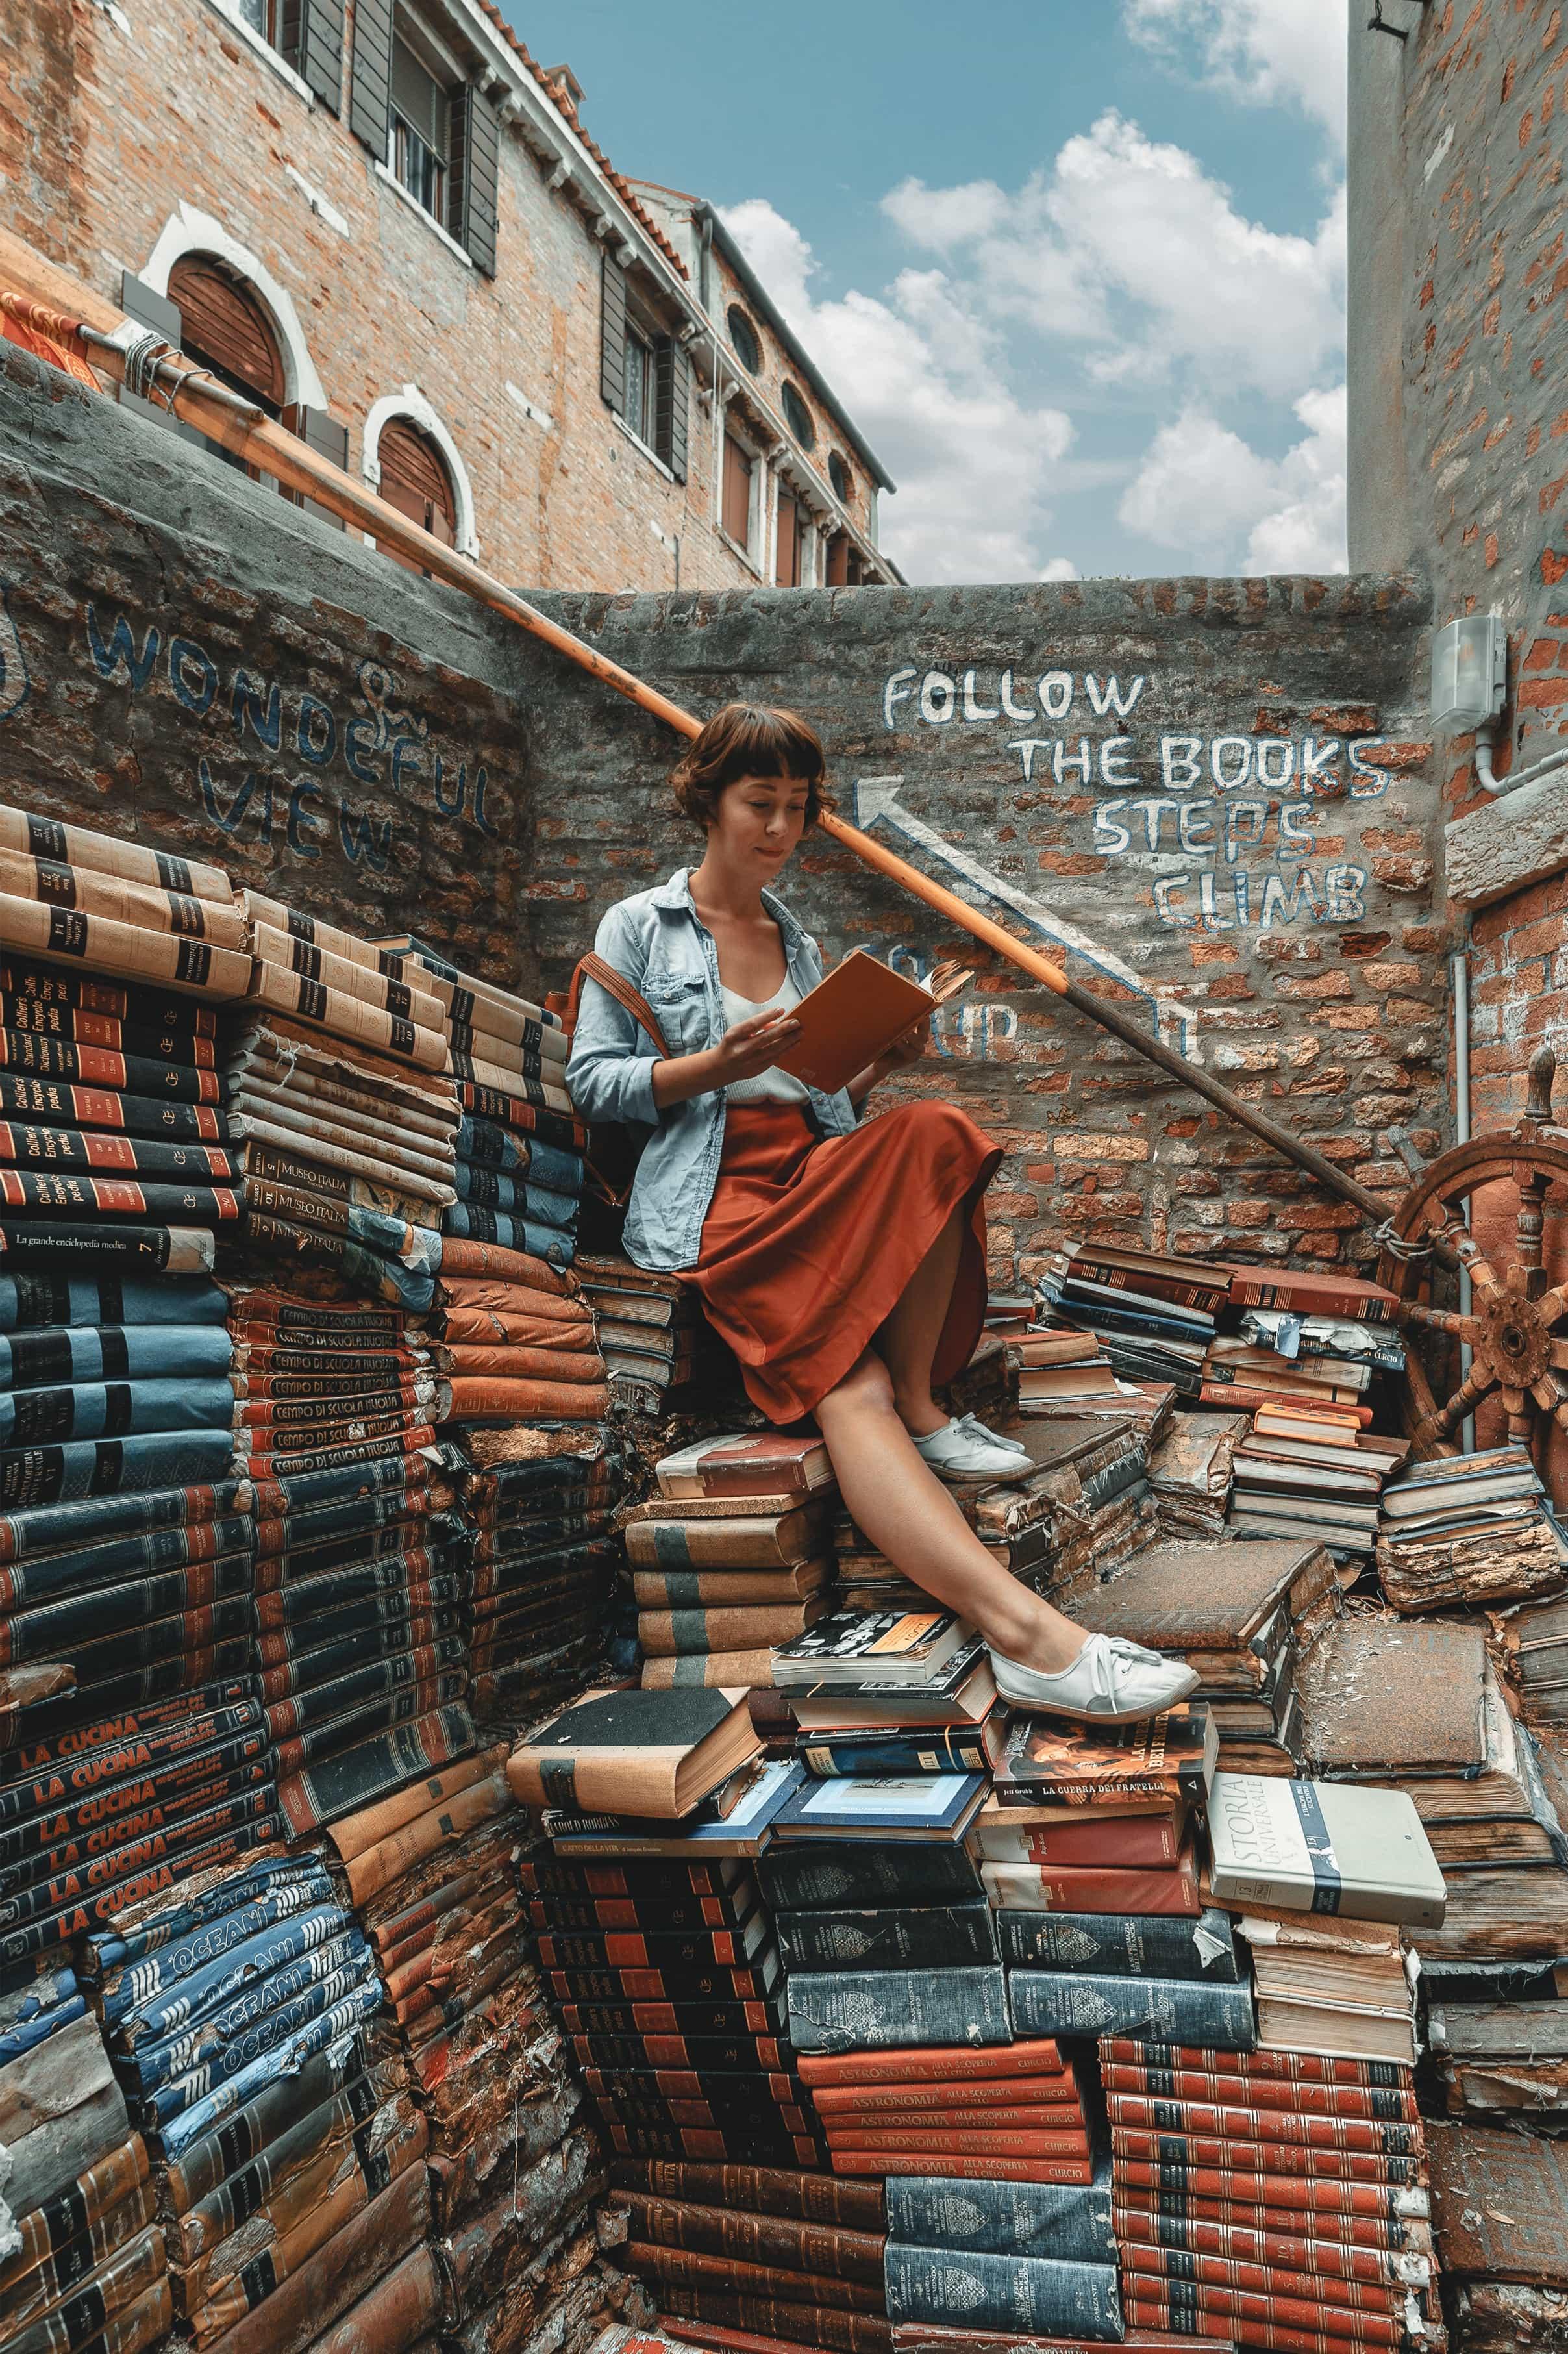 Girare Venezia: Libreria Acqua Alta